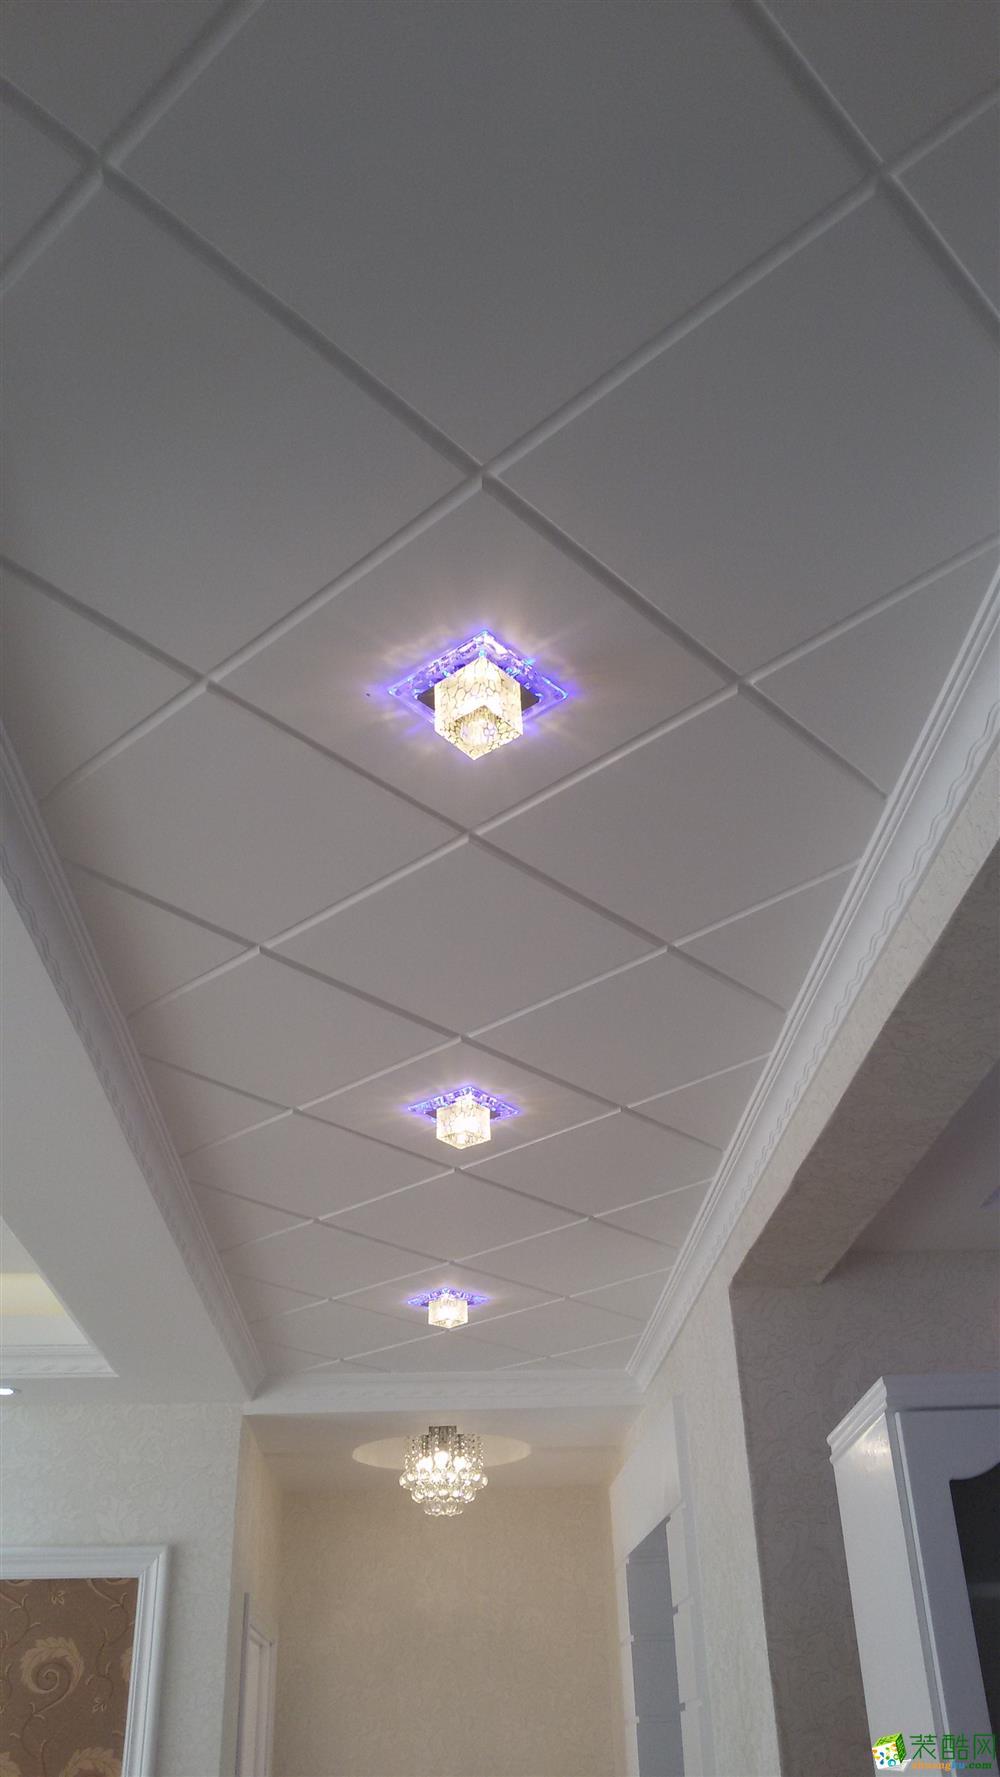 过道吊顶 菱形吊顶搭配水晶灯